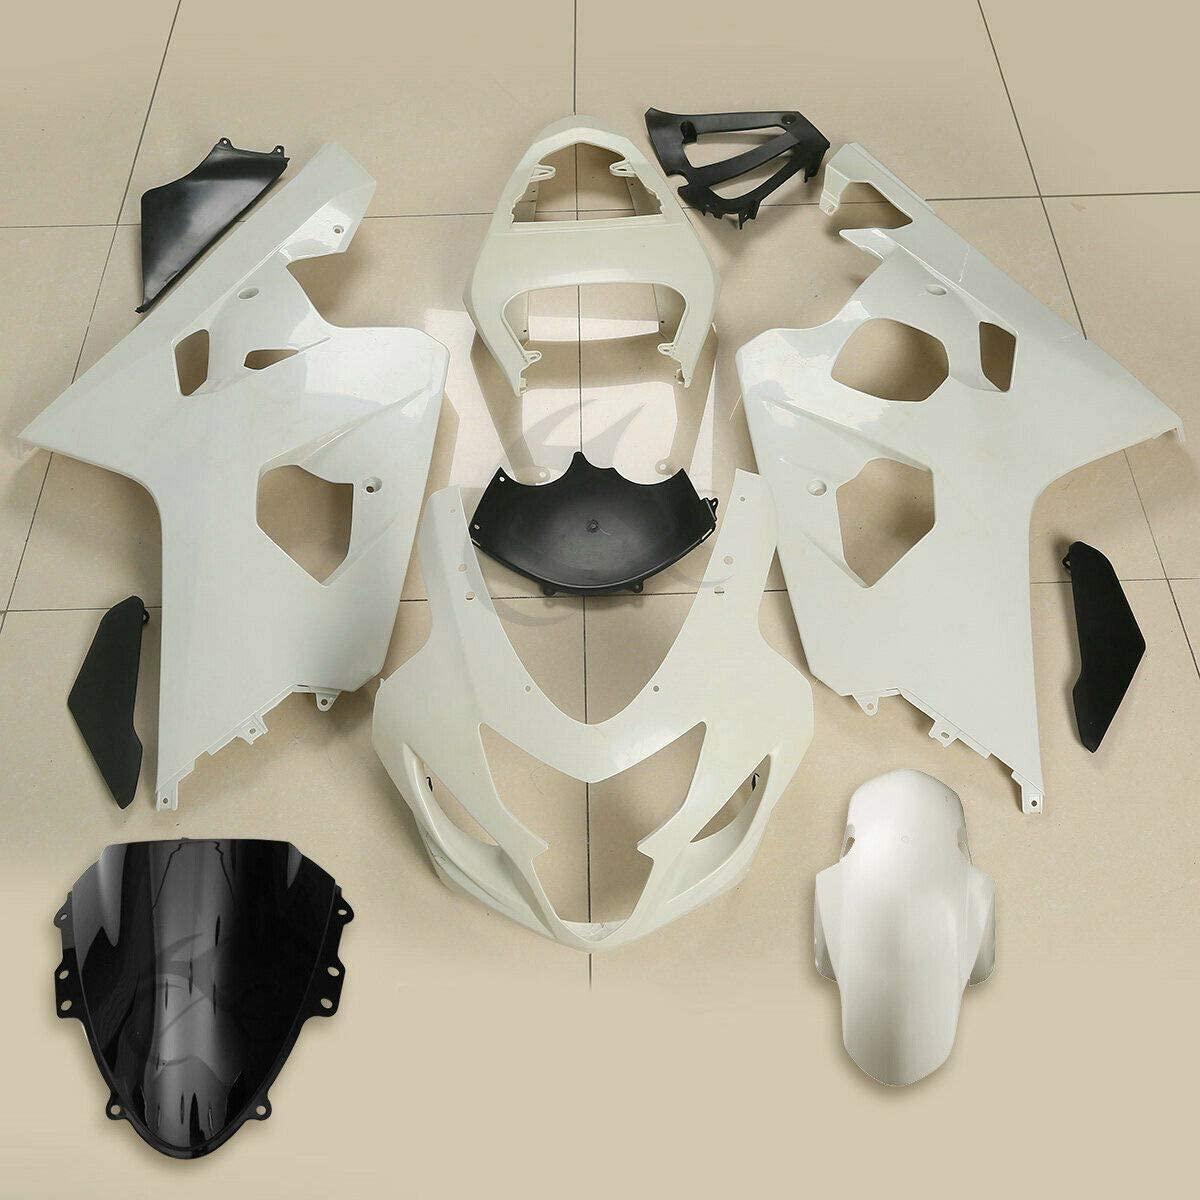 TCMT Unpainted White ABS Fairing Bodywork Set Fits For SUZUKI GSX-R GSXR 600 750 GSXR750 2004 2005